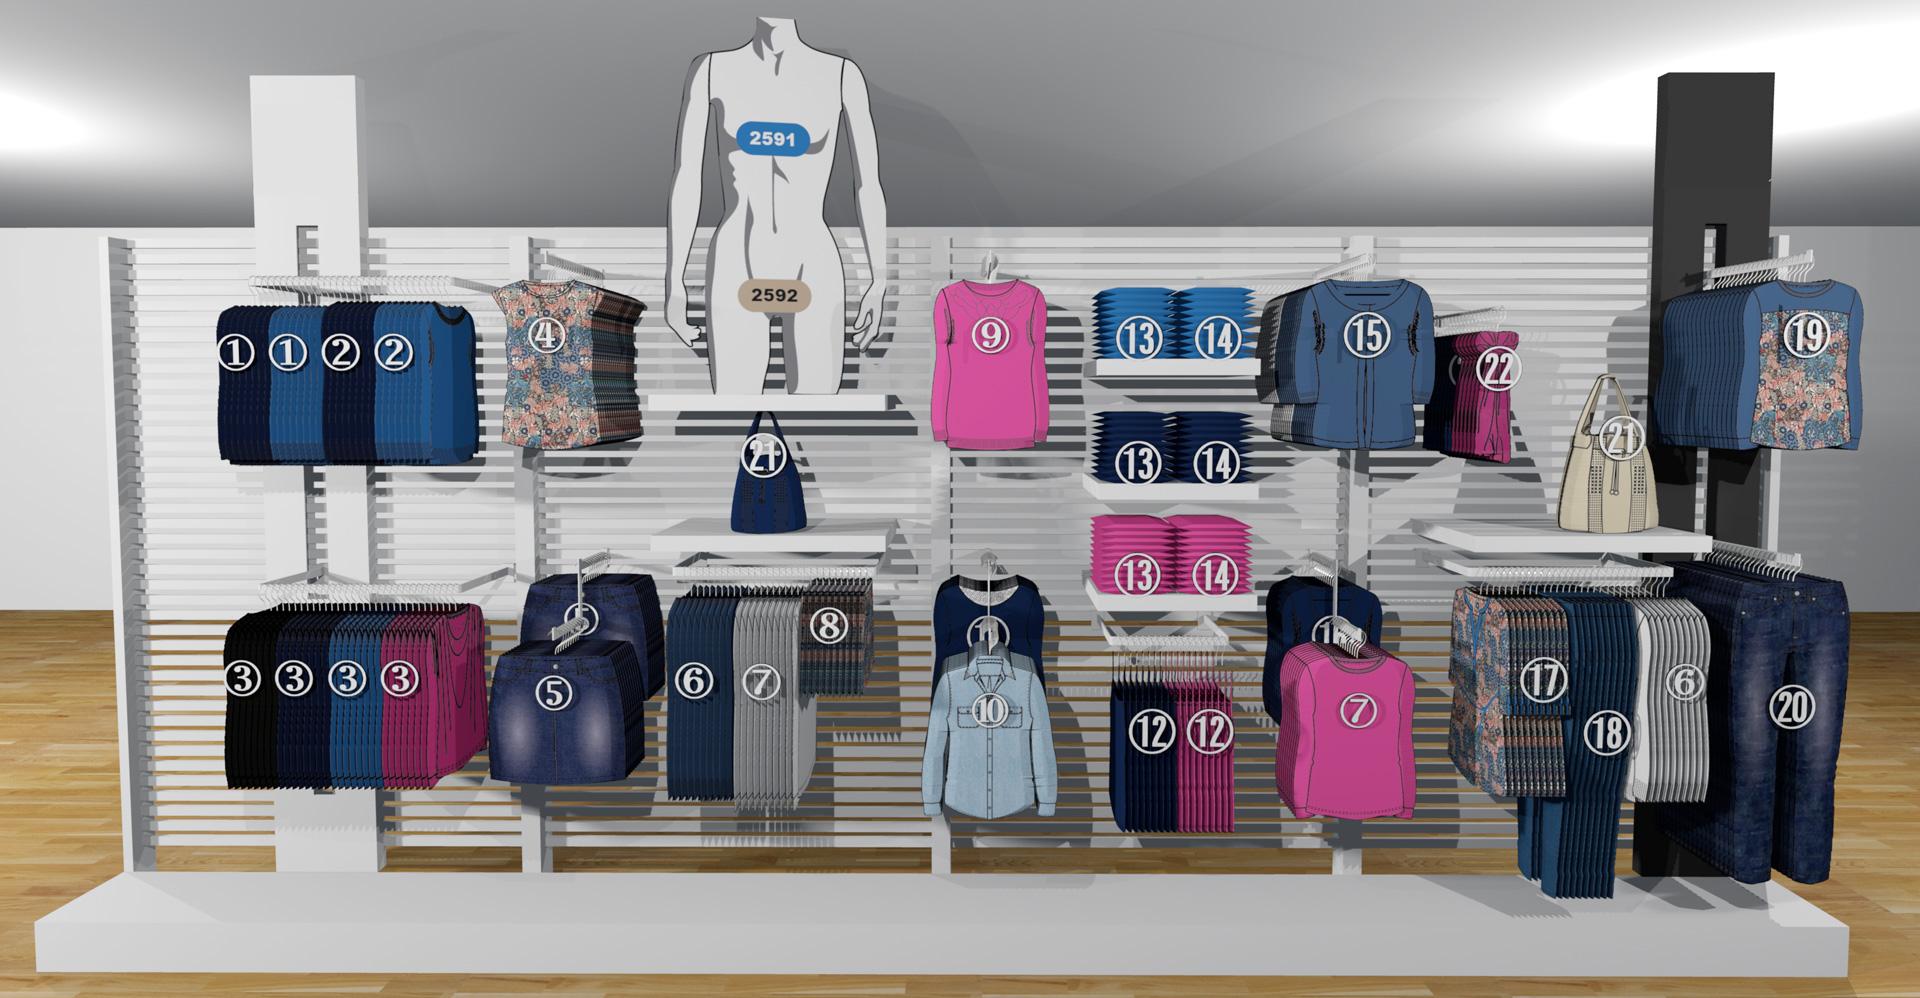 4d09940db21 Retail Visual Merchandising